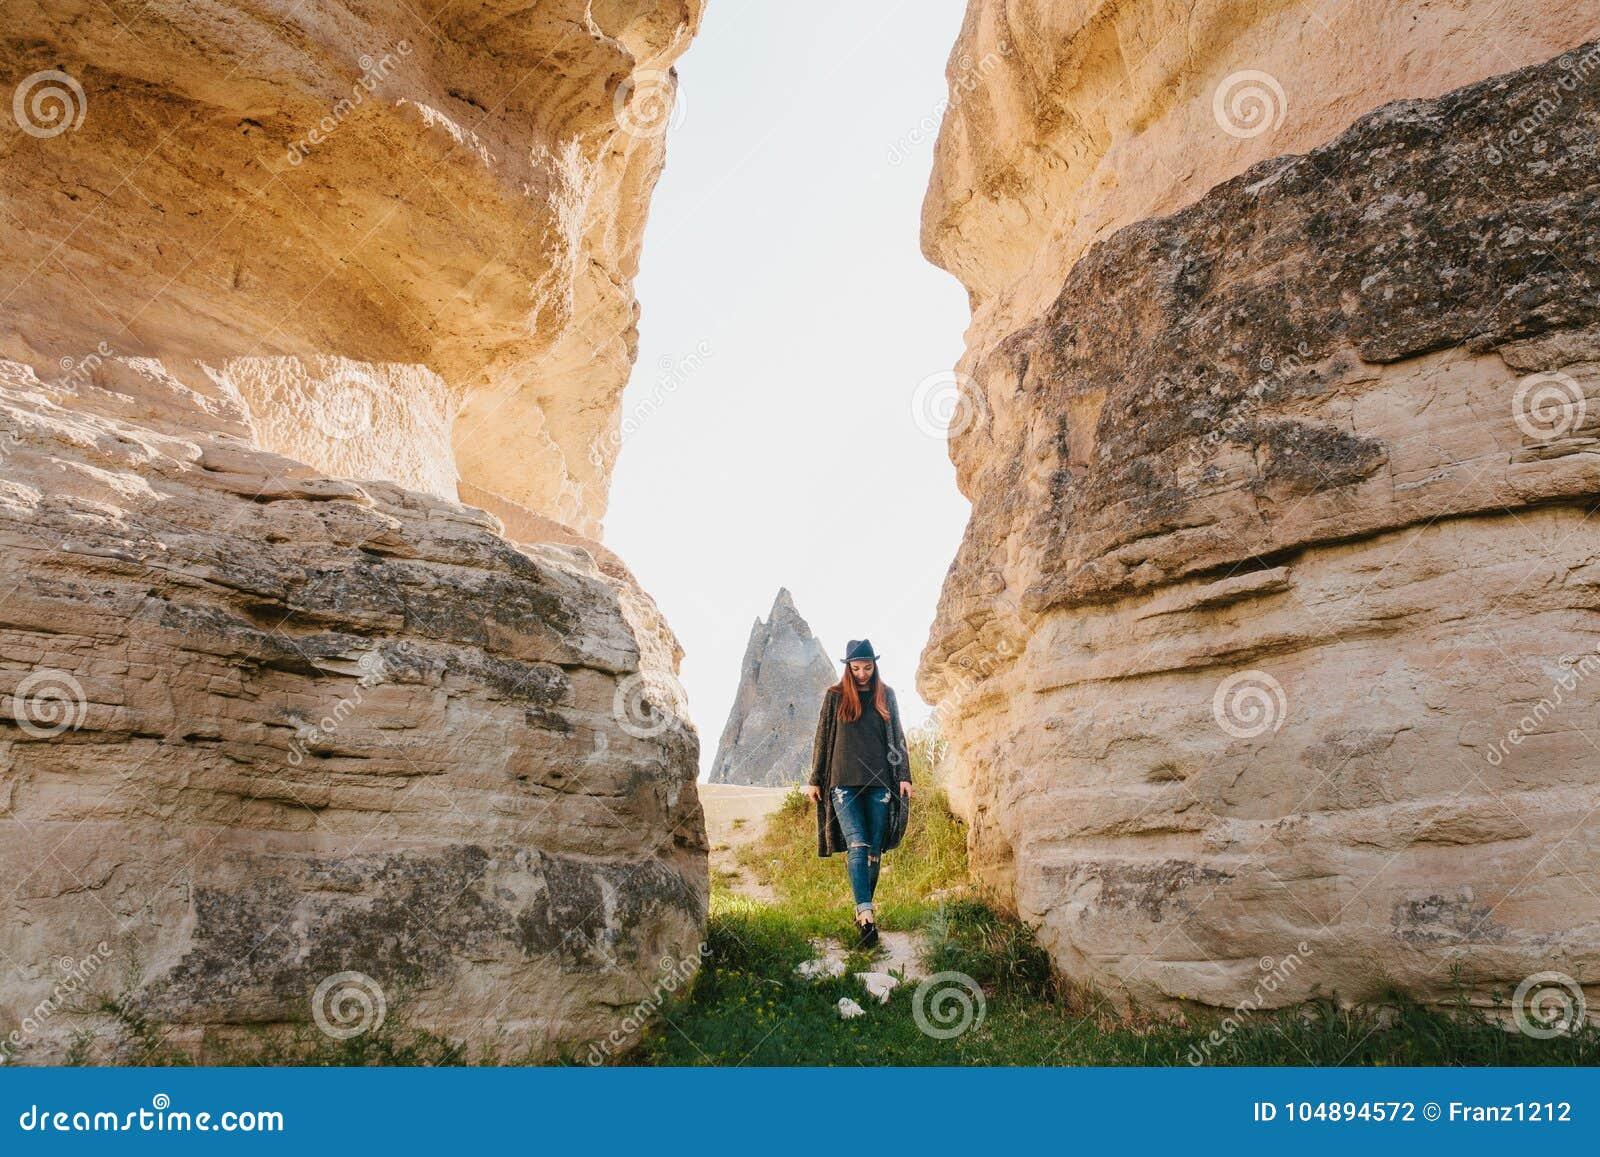 46ad05ec2 La Mujer Va Entre Las Rocas Hermosas Y Admira El Paisaje En ...